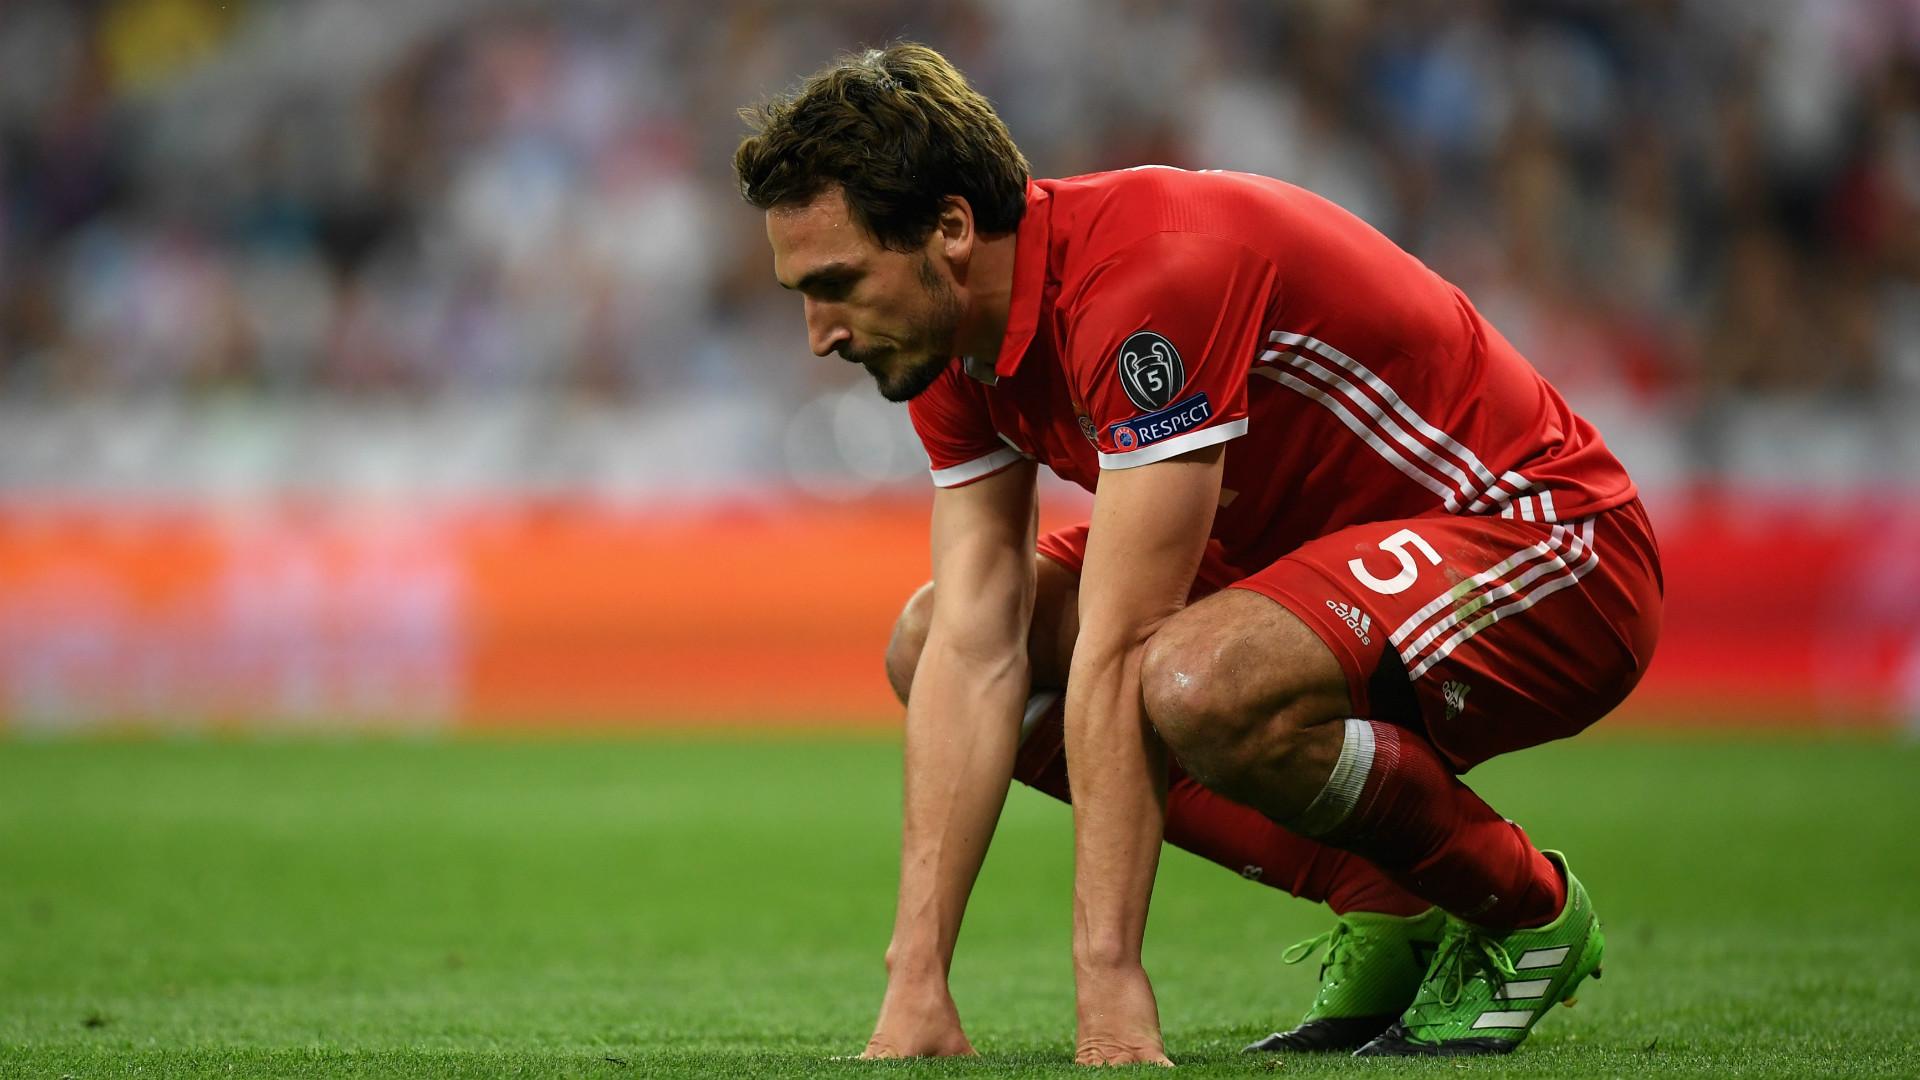 Fußball: Zeitungen: Bayern-Profis stürmten Schiri-Kabine